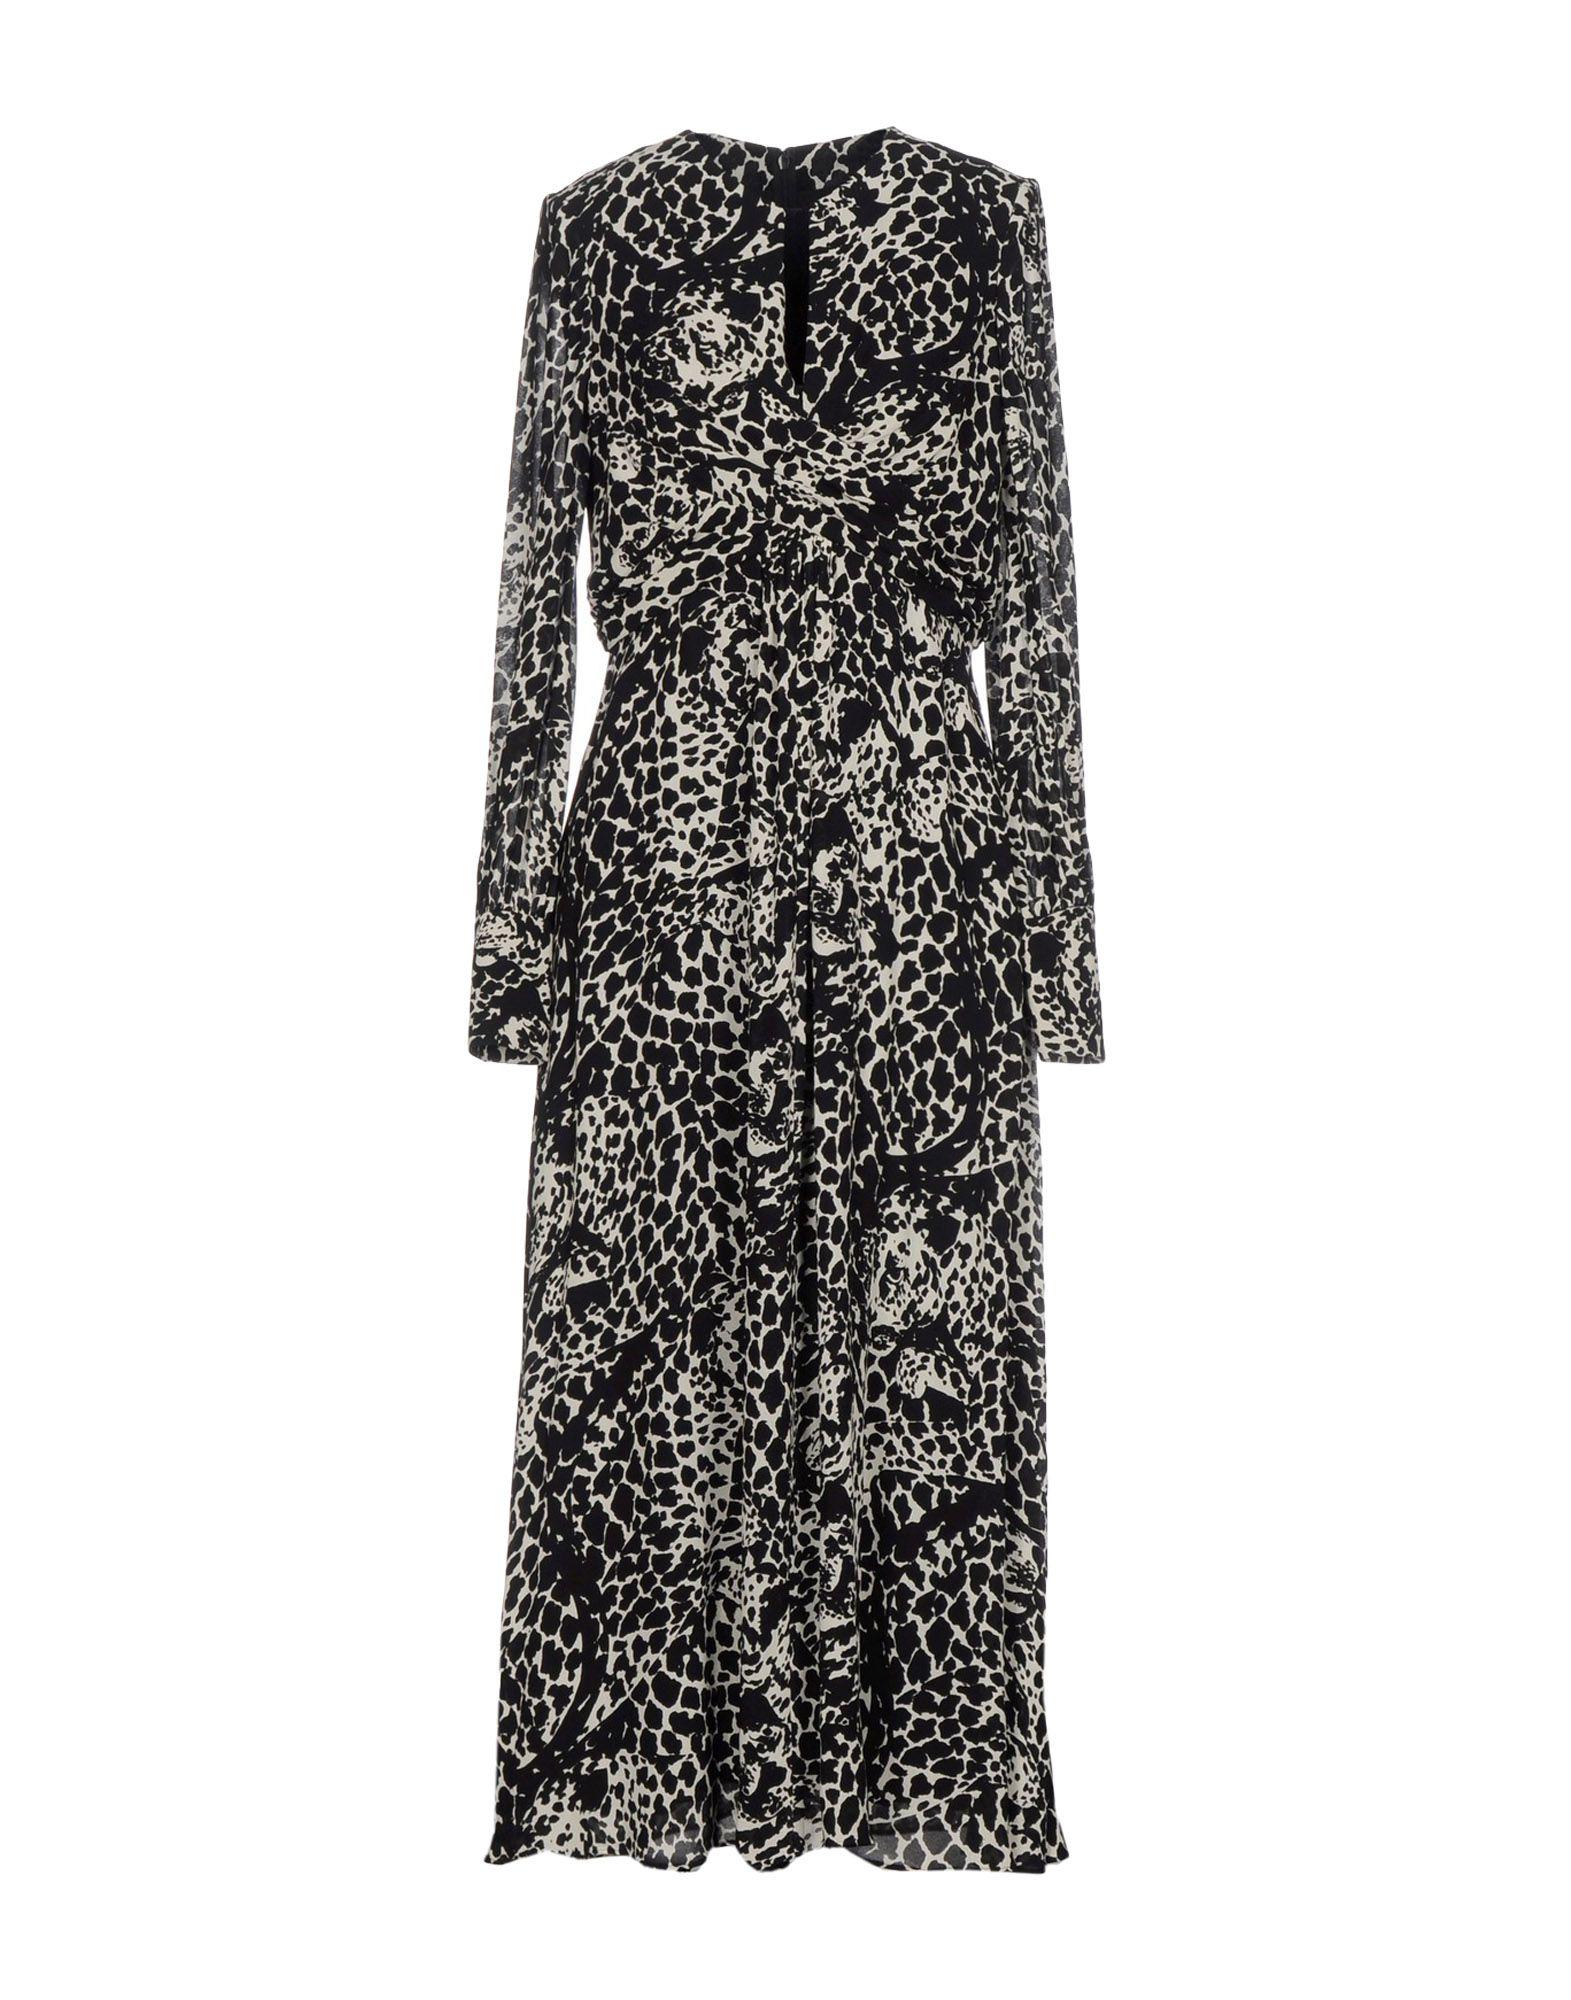 SAINT LAURENT Платье длиной 3/4 saint laurent платье длиной 3 4